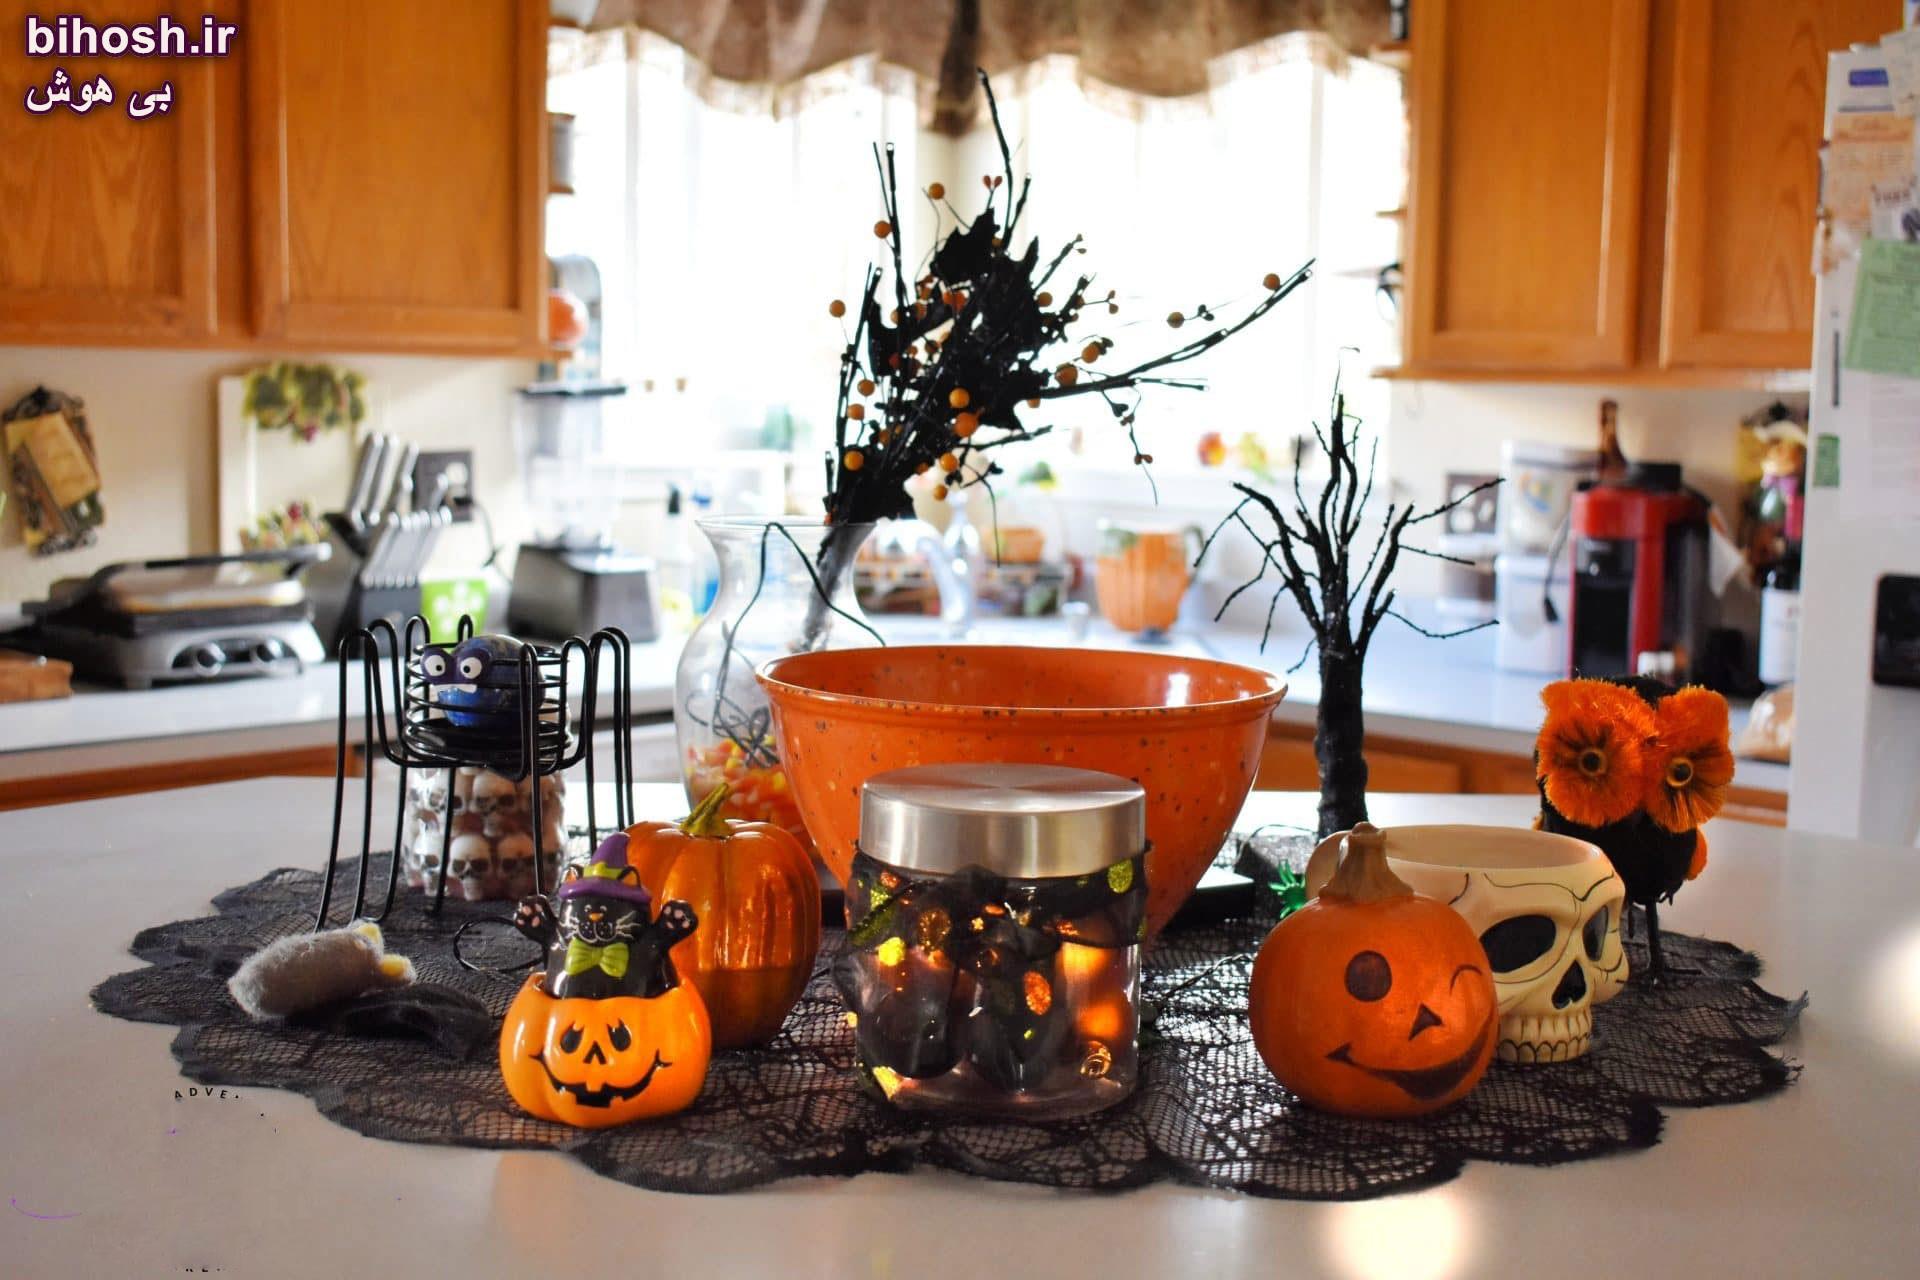 کلی ایده برای جشن هالووین